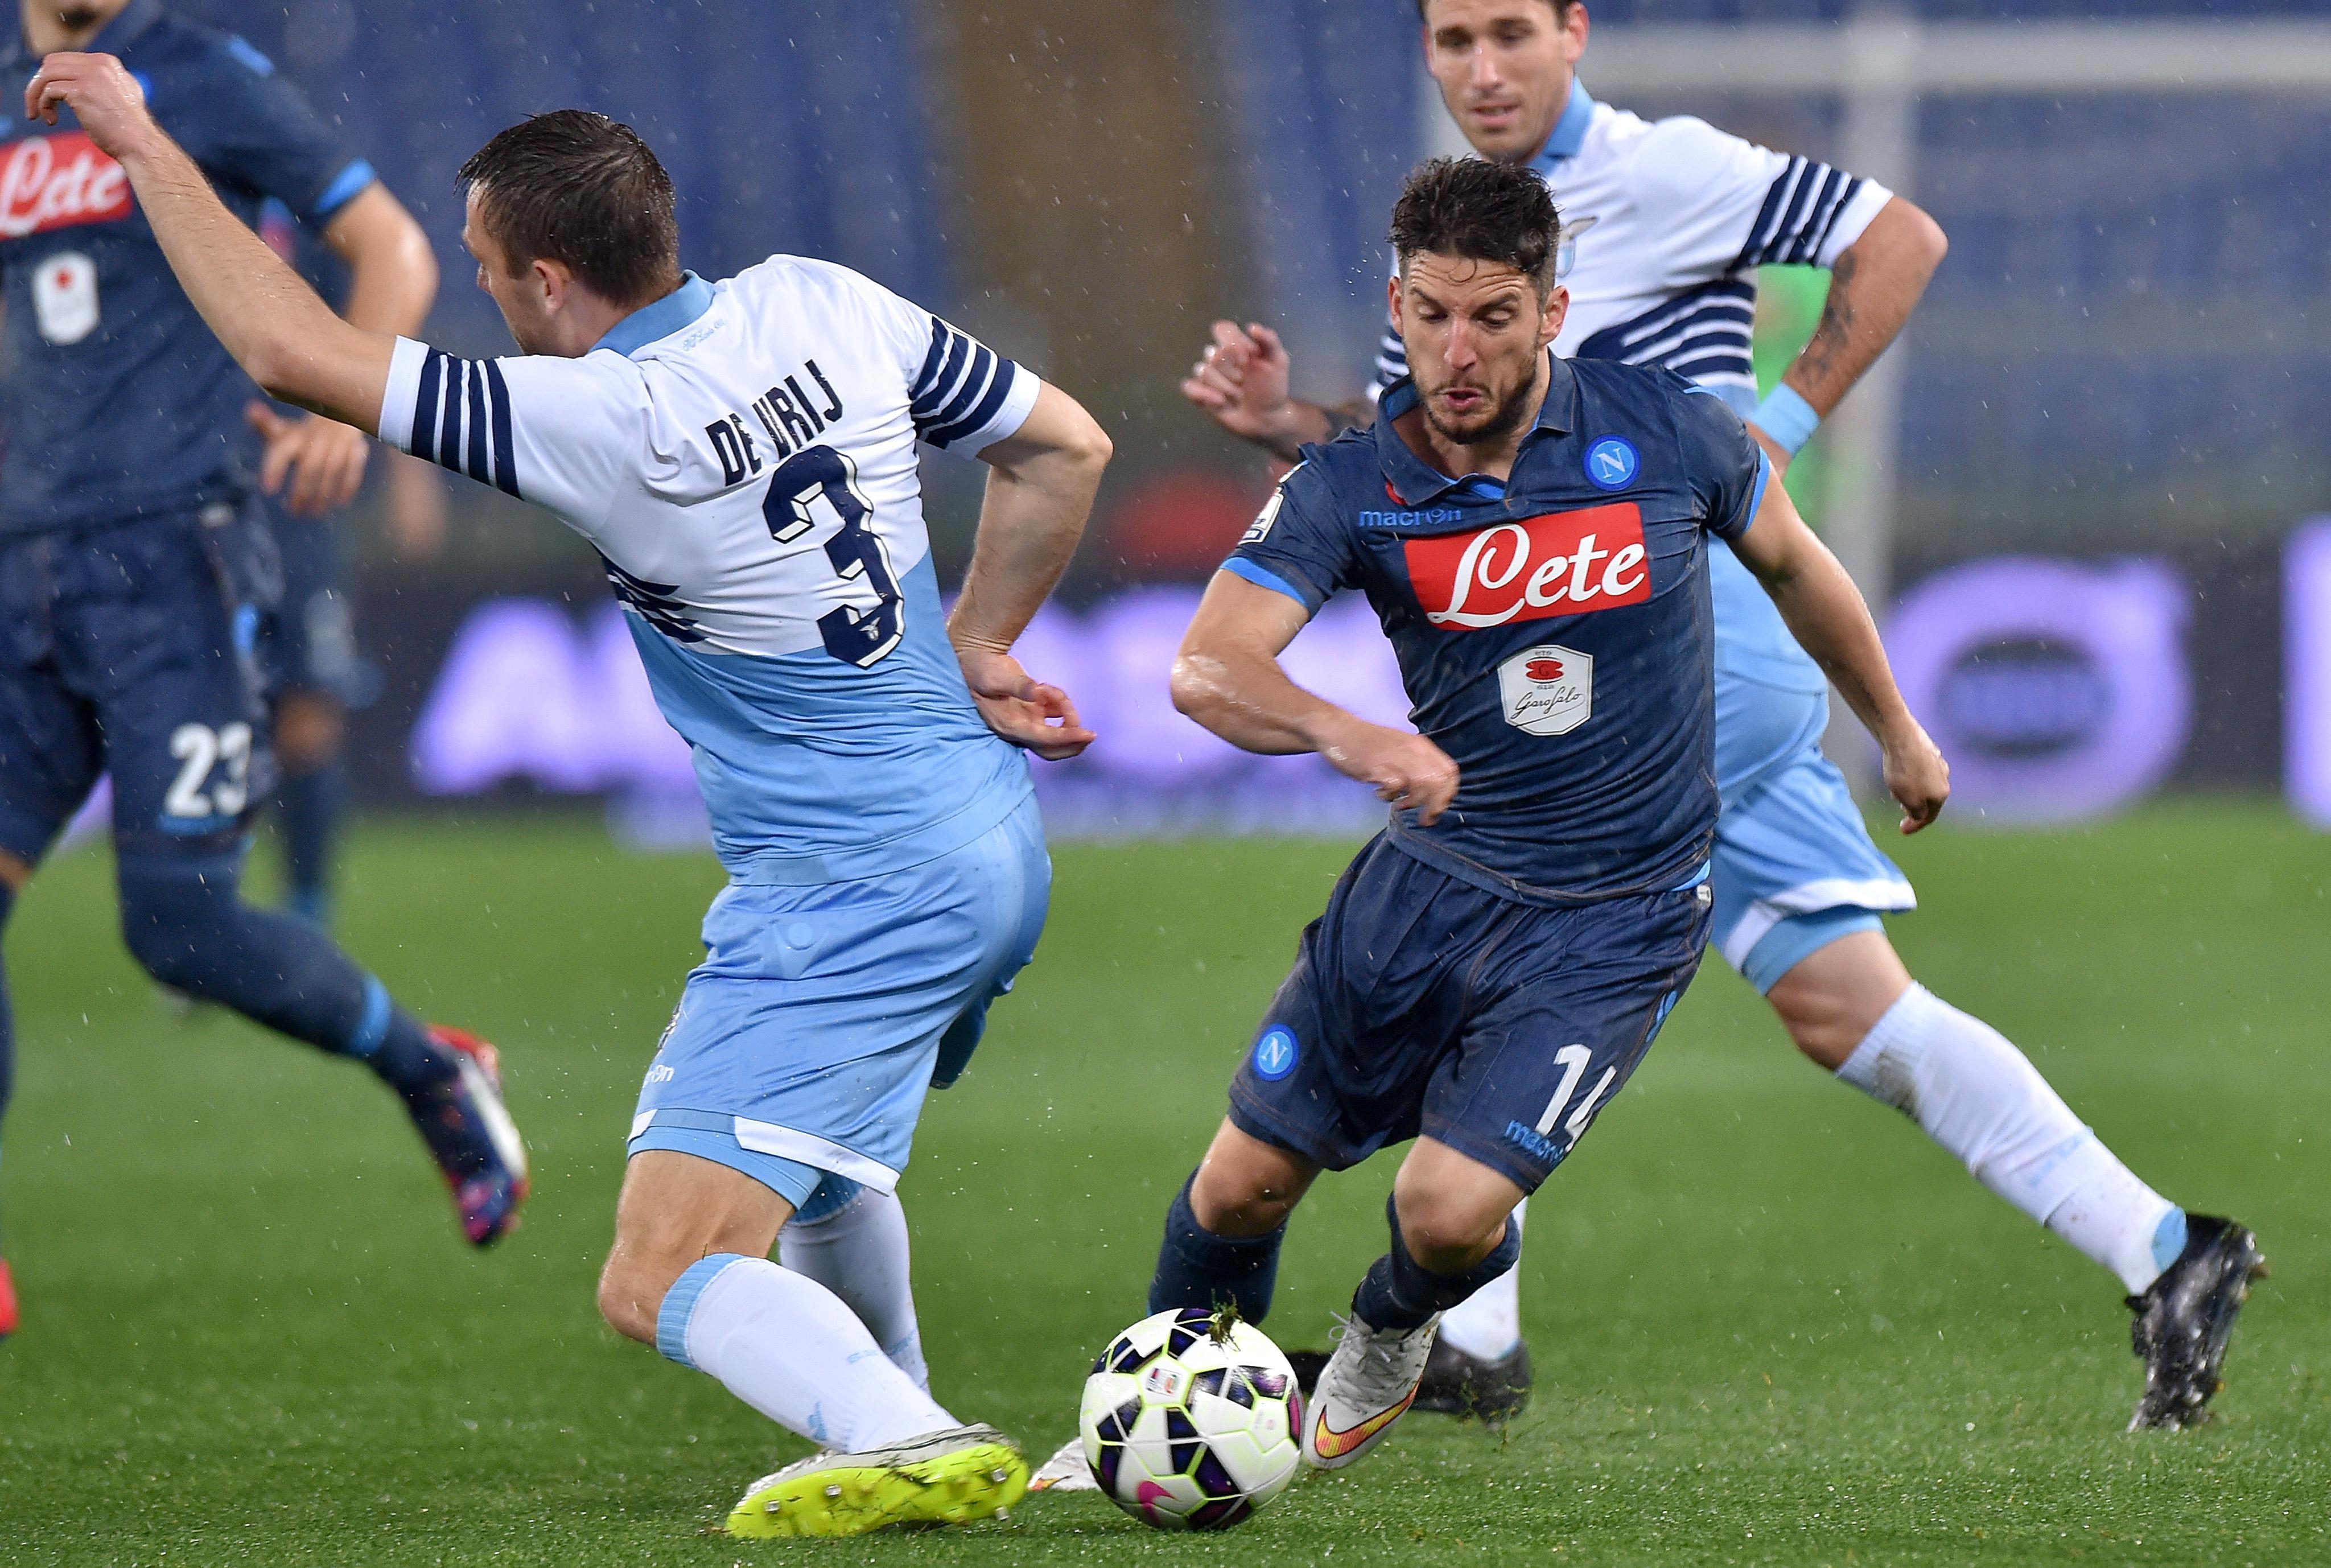 Mertens sfida De Vrij in un'azione di gioco di Lazio Napoli, andata della semifinale di Coppa Italia